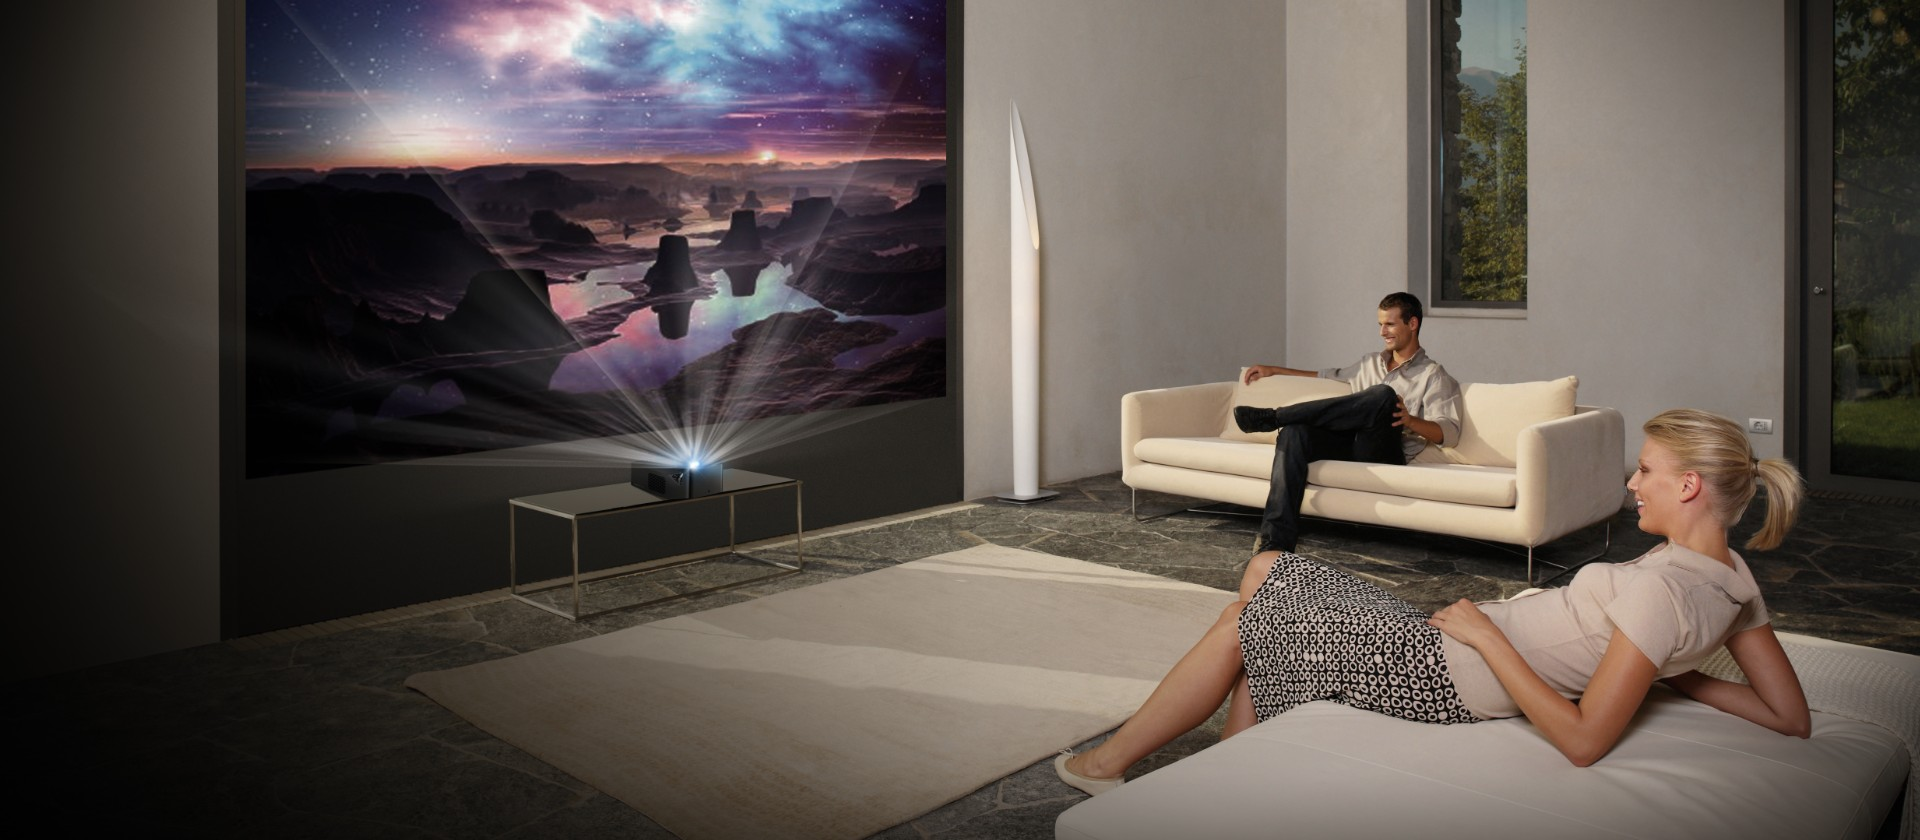 Рейтинг лучших проекторов для домашнего кинотеатра и офиса 2021: топ-6 моделей